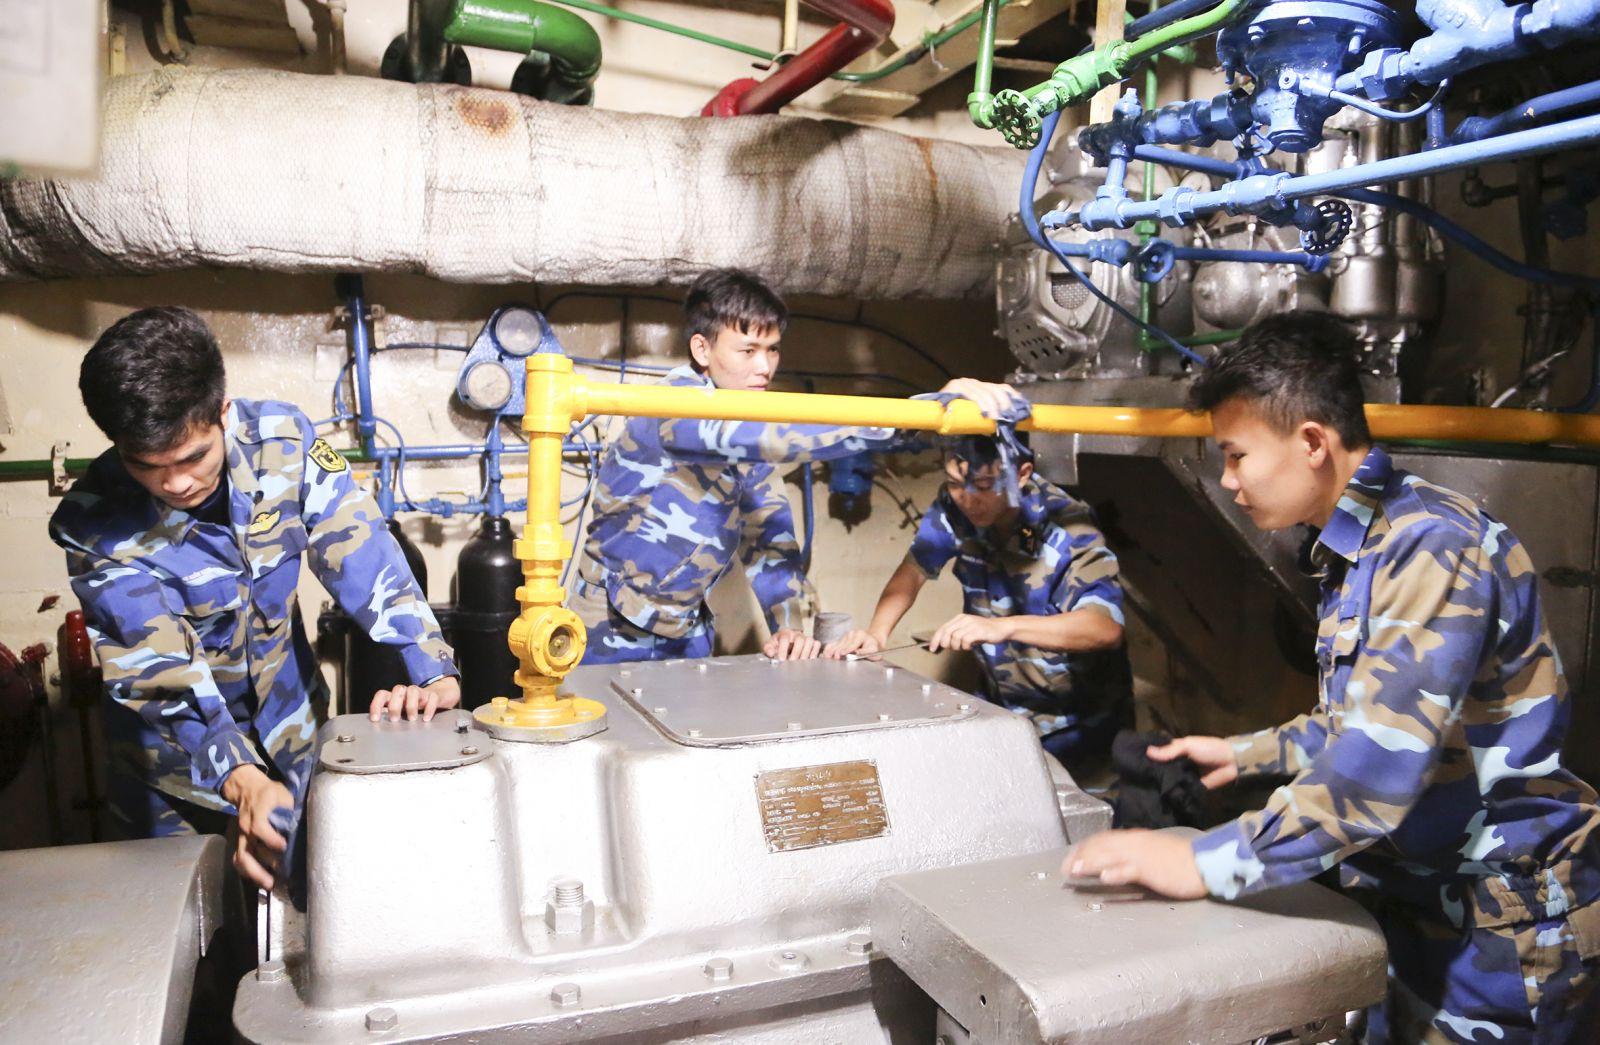 Giờ bảo quản, bảo dưỡng tại khoang máy của tàu